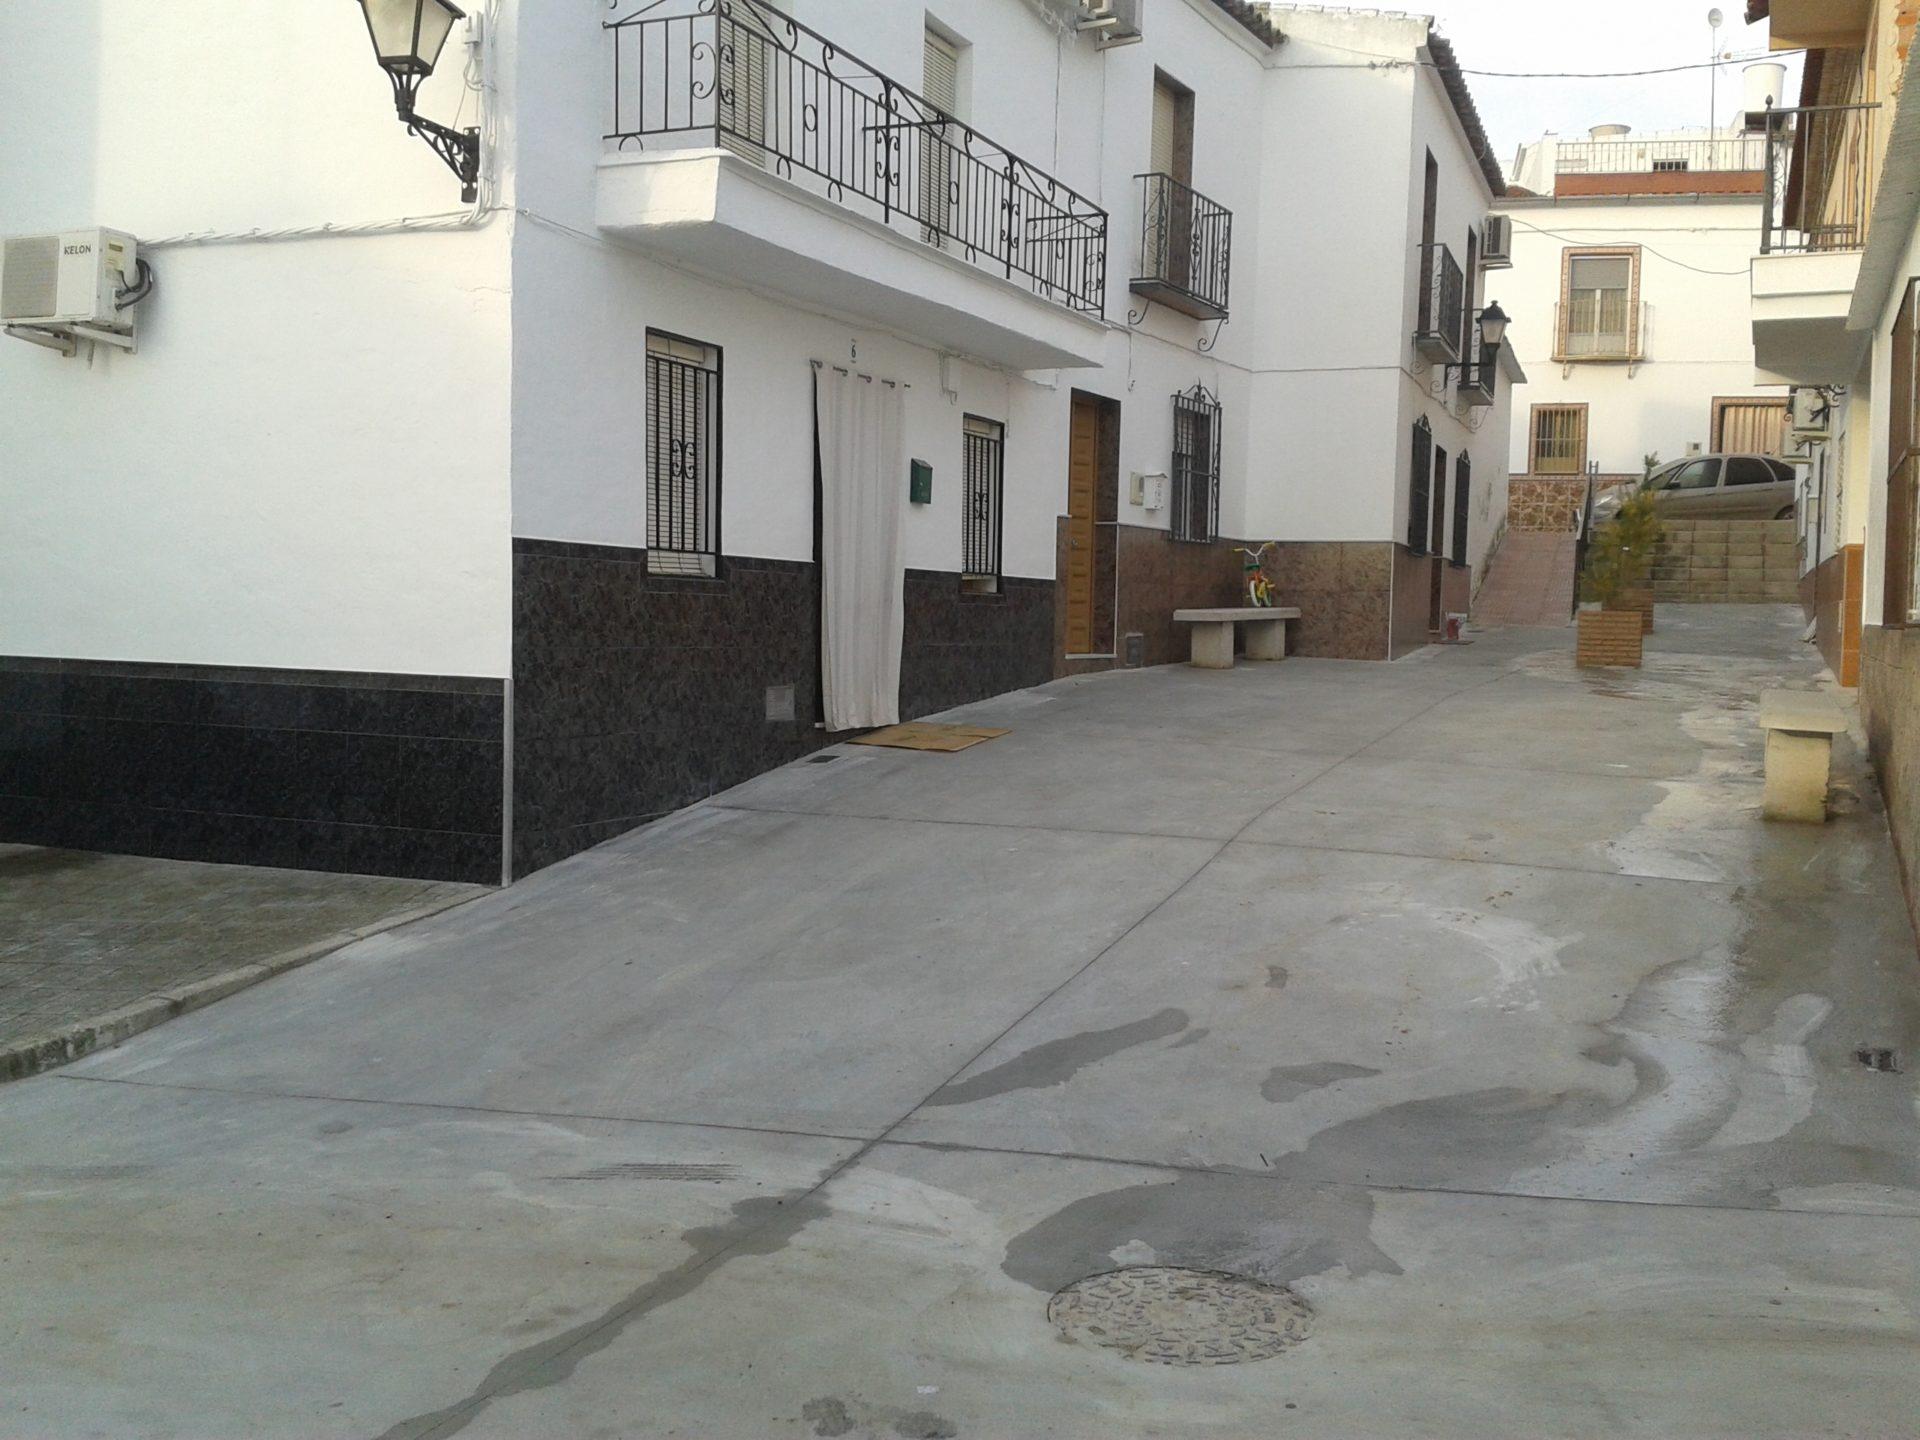 Calles La Fuente y Sol (El Fontanar) 1